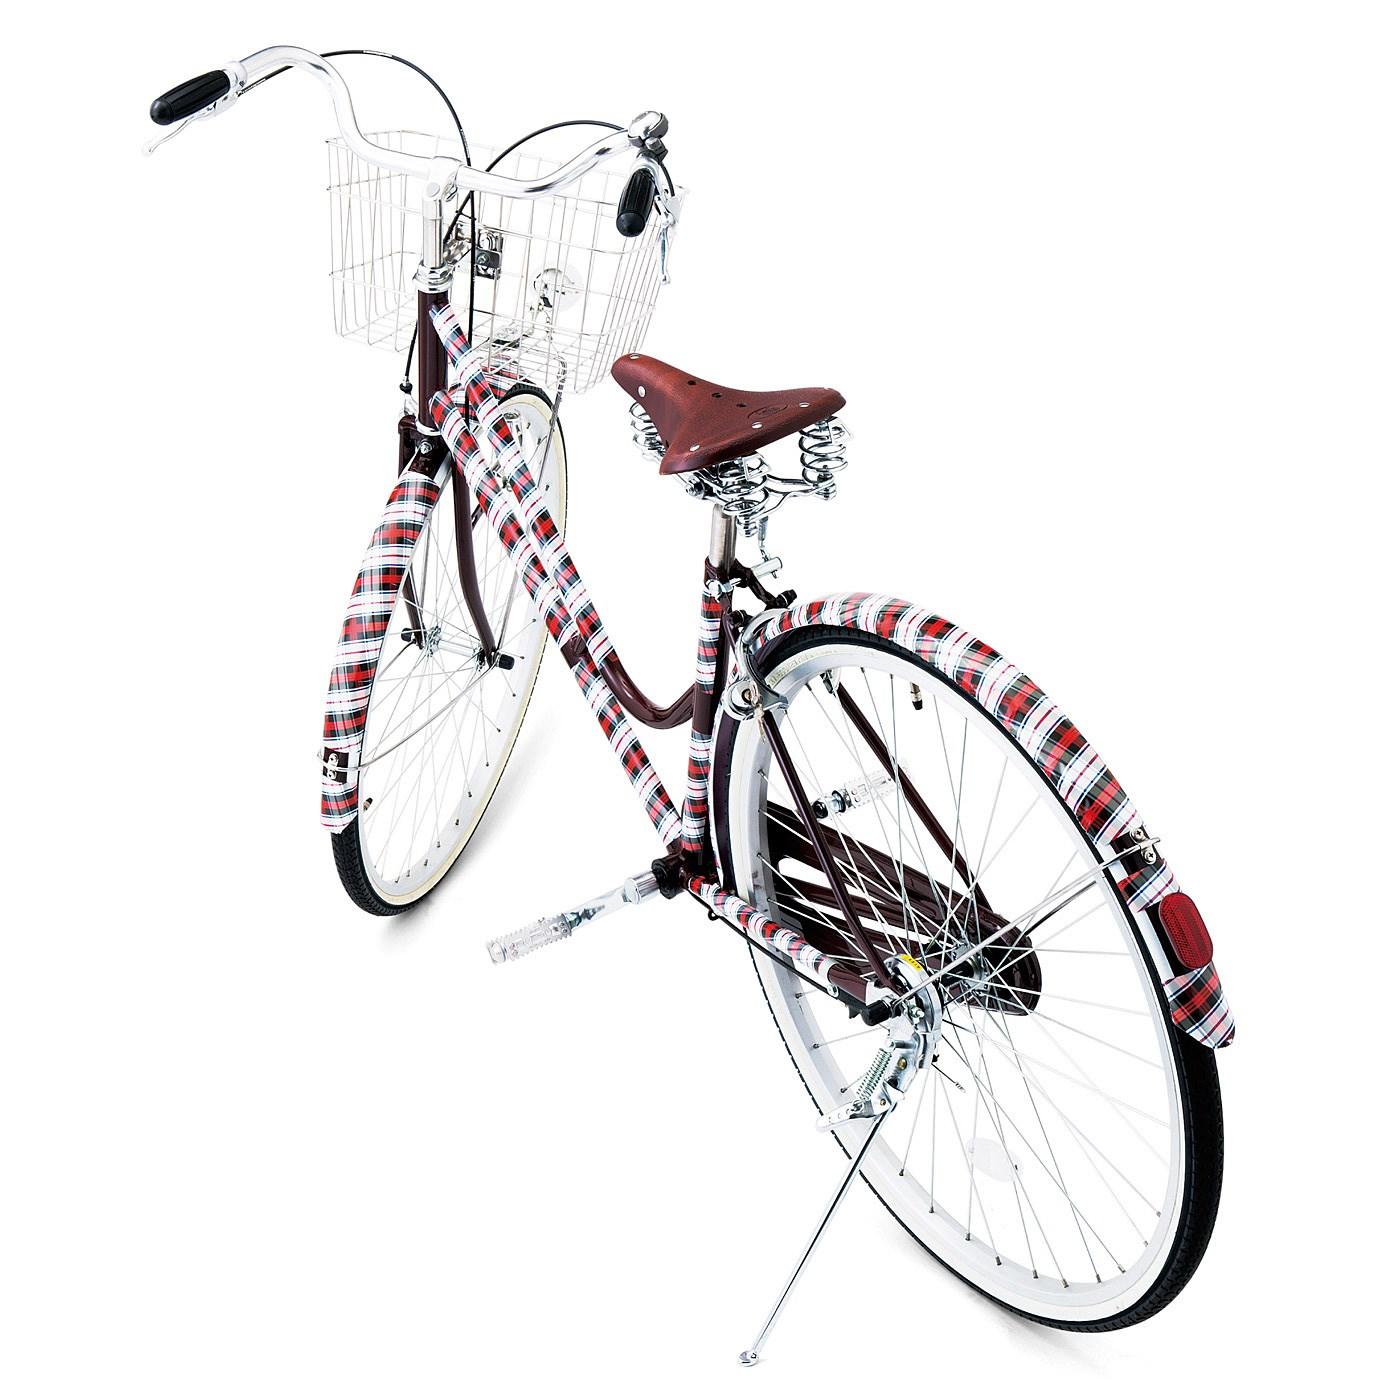 汚れが目立たずおしゃれに! 駐輪場でも、マイ自転車がすぐ発見できそう!